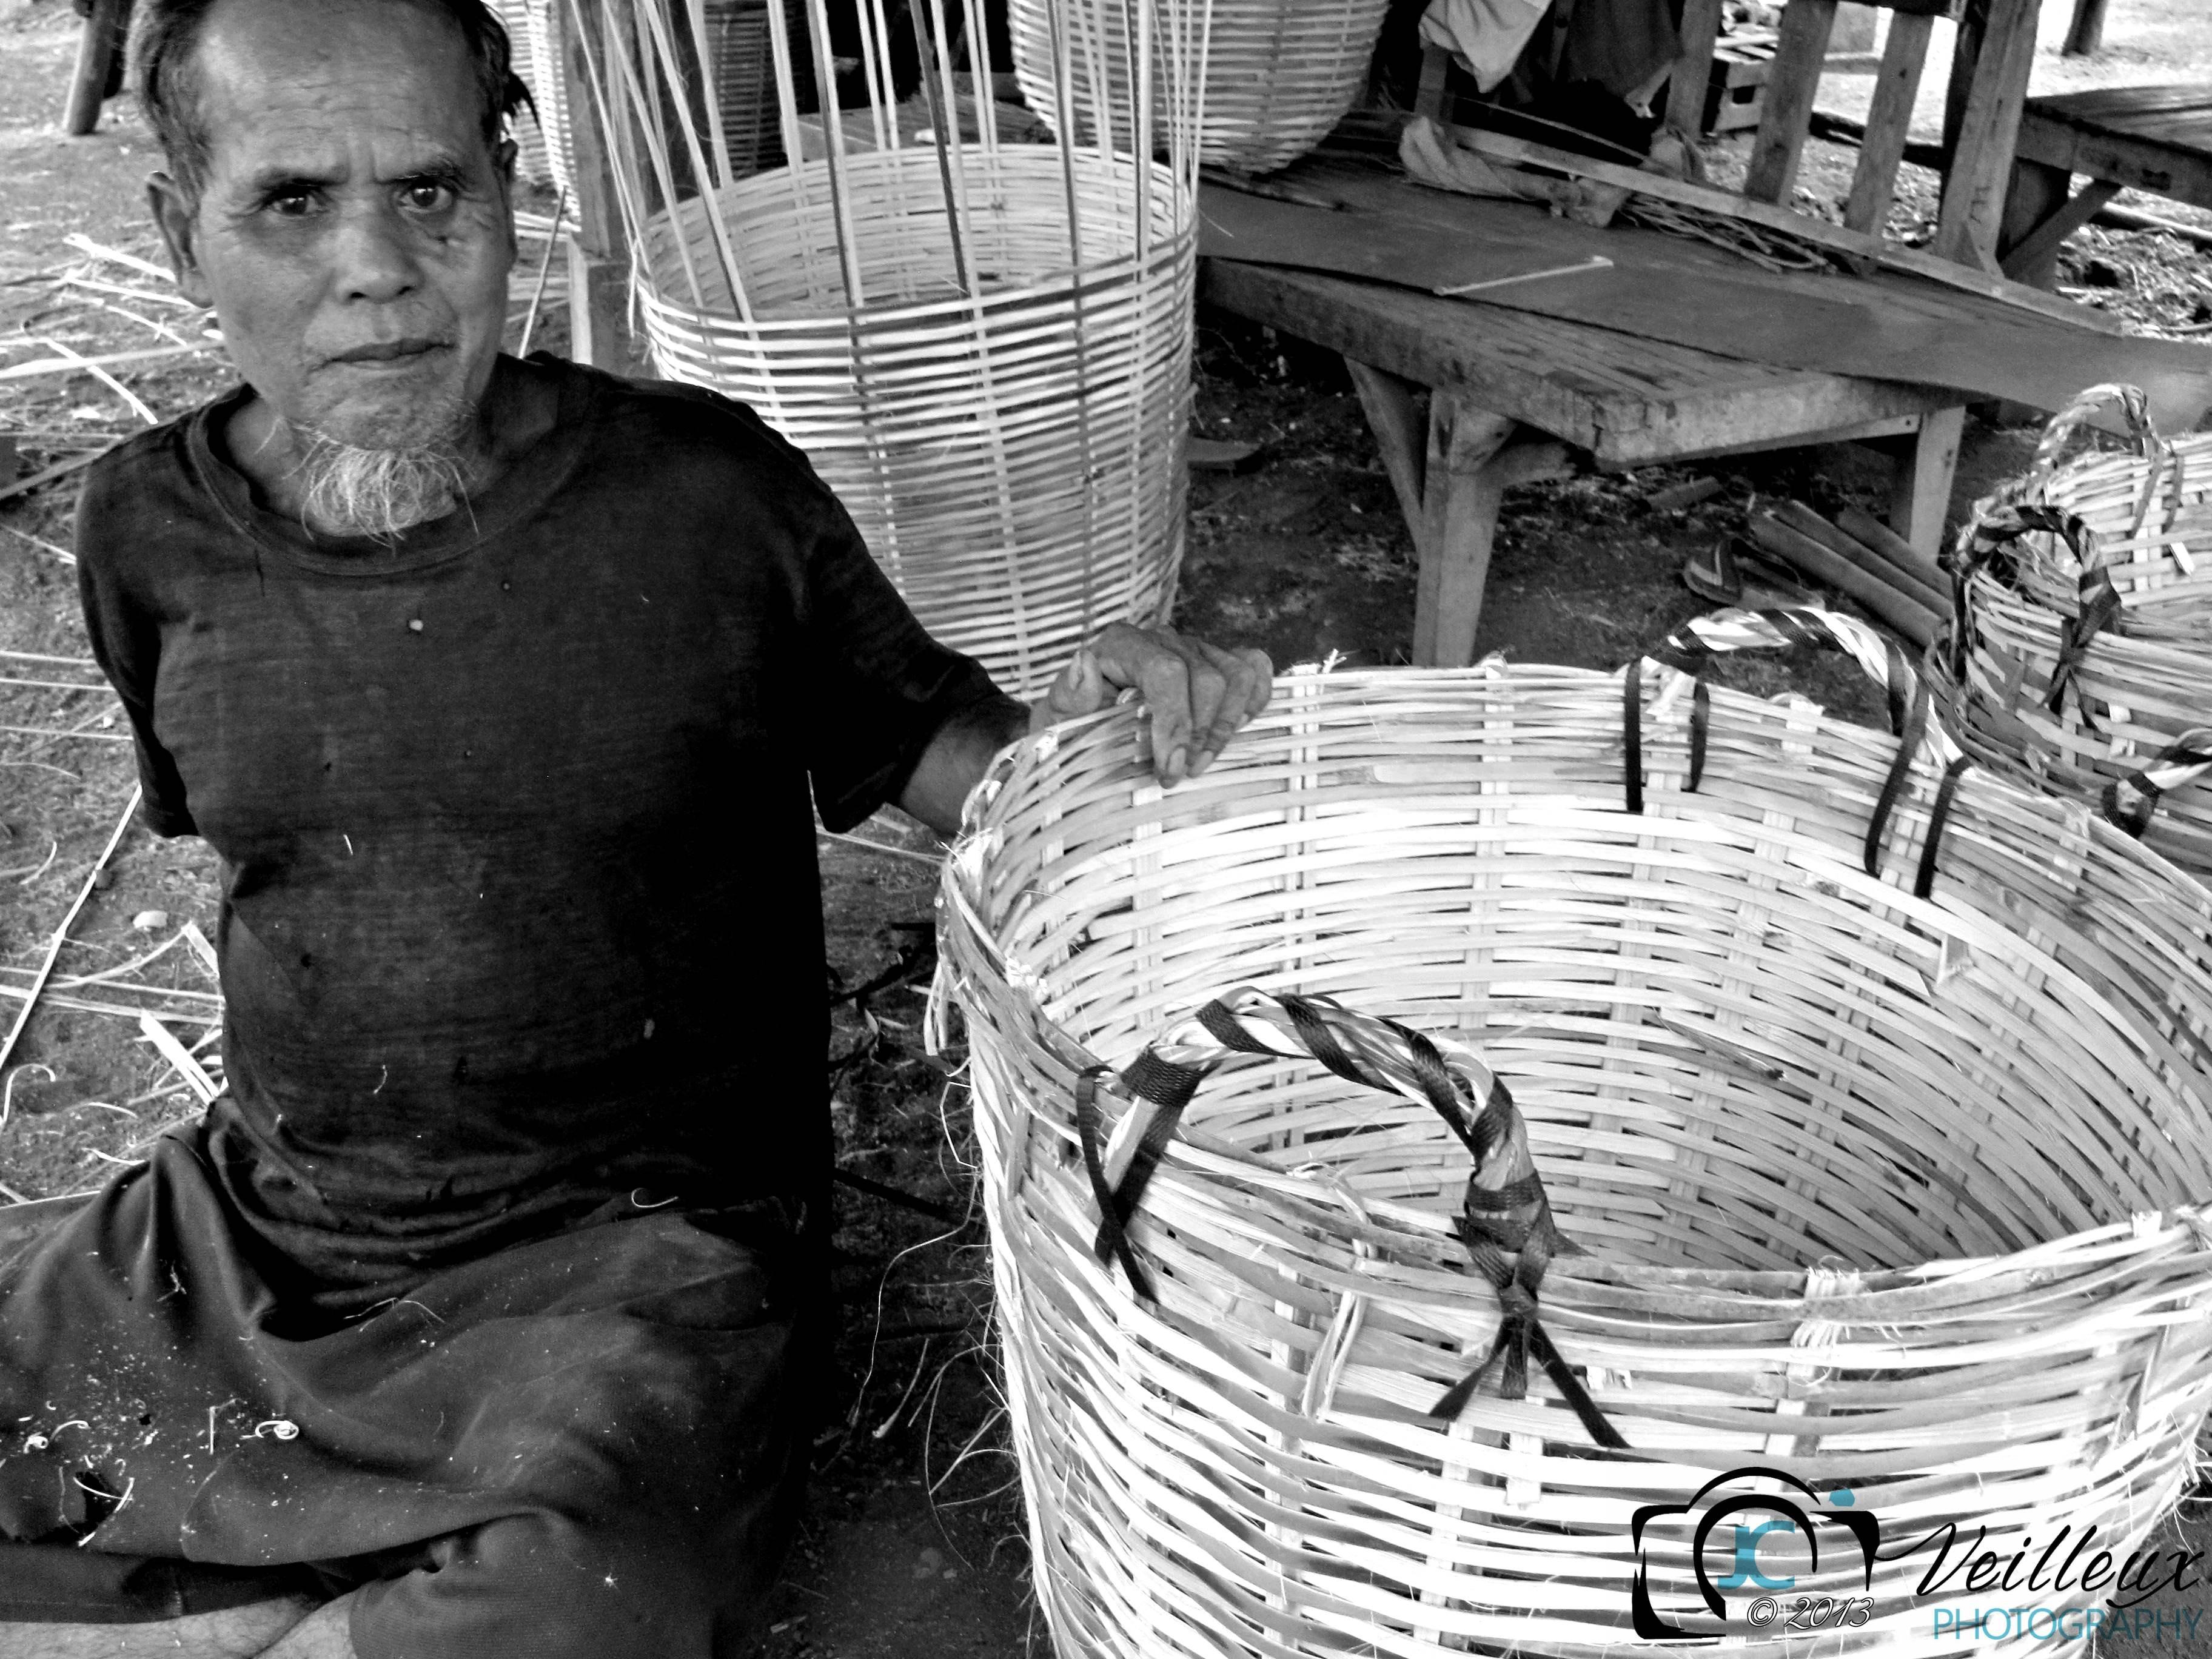 Basket Weaver No. 1